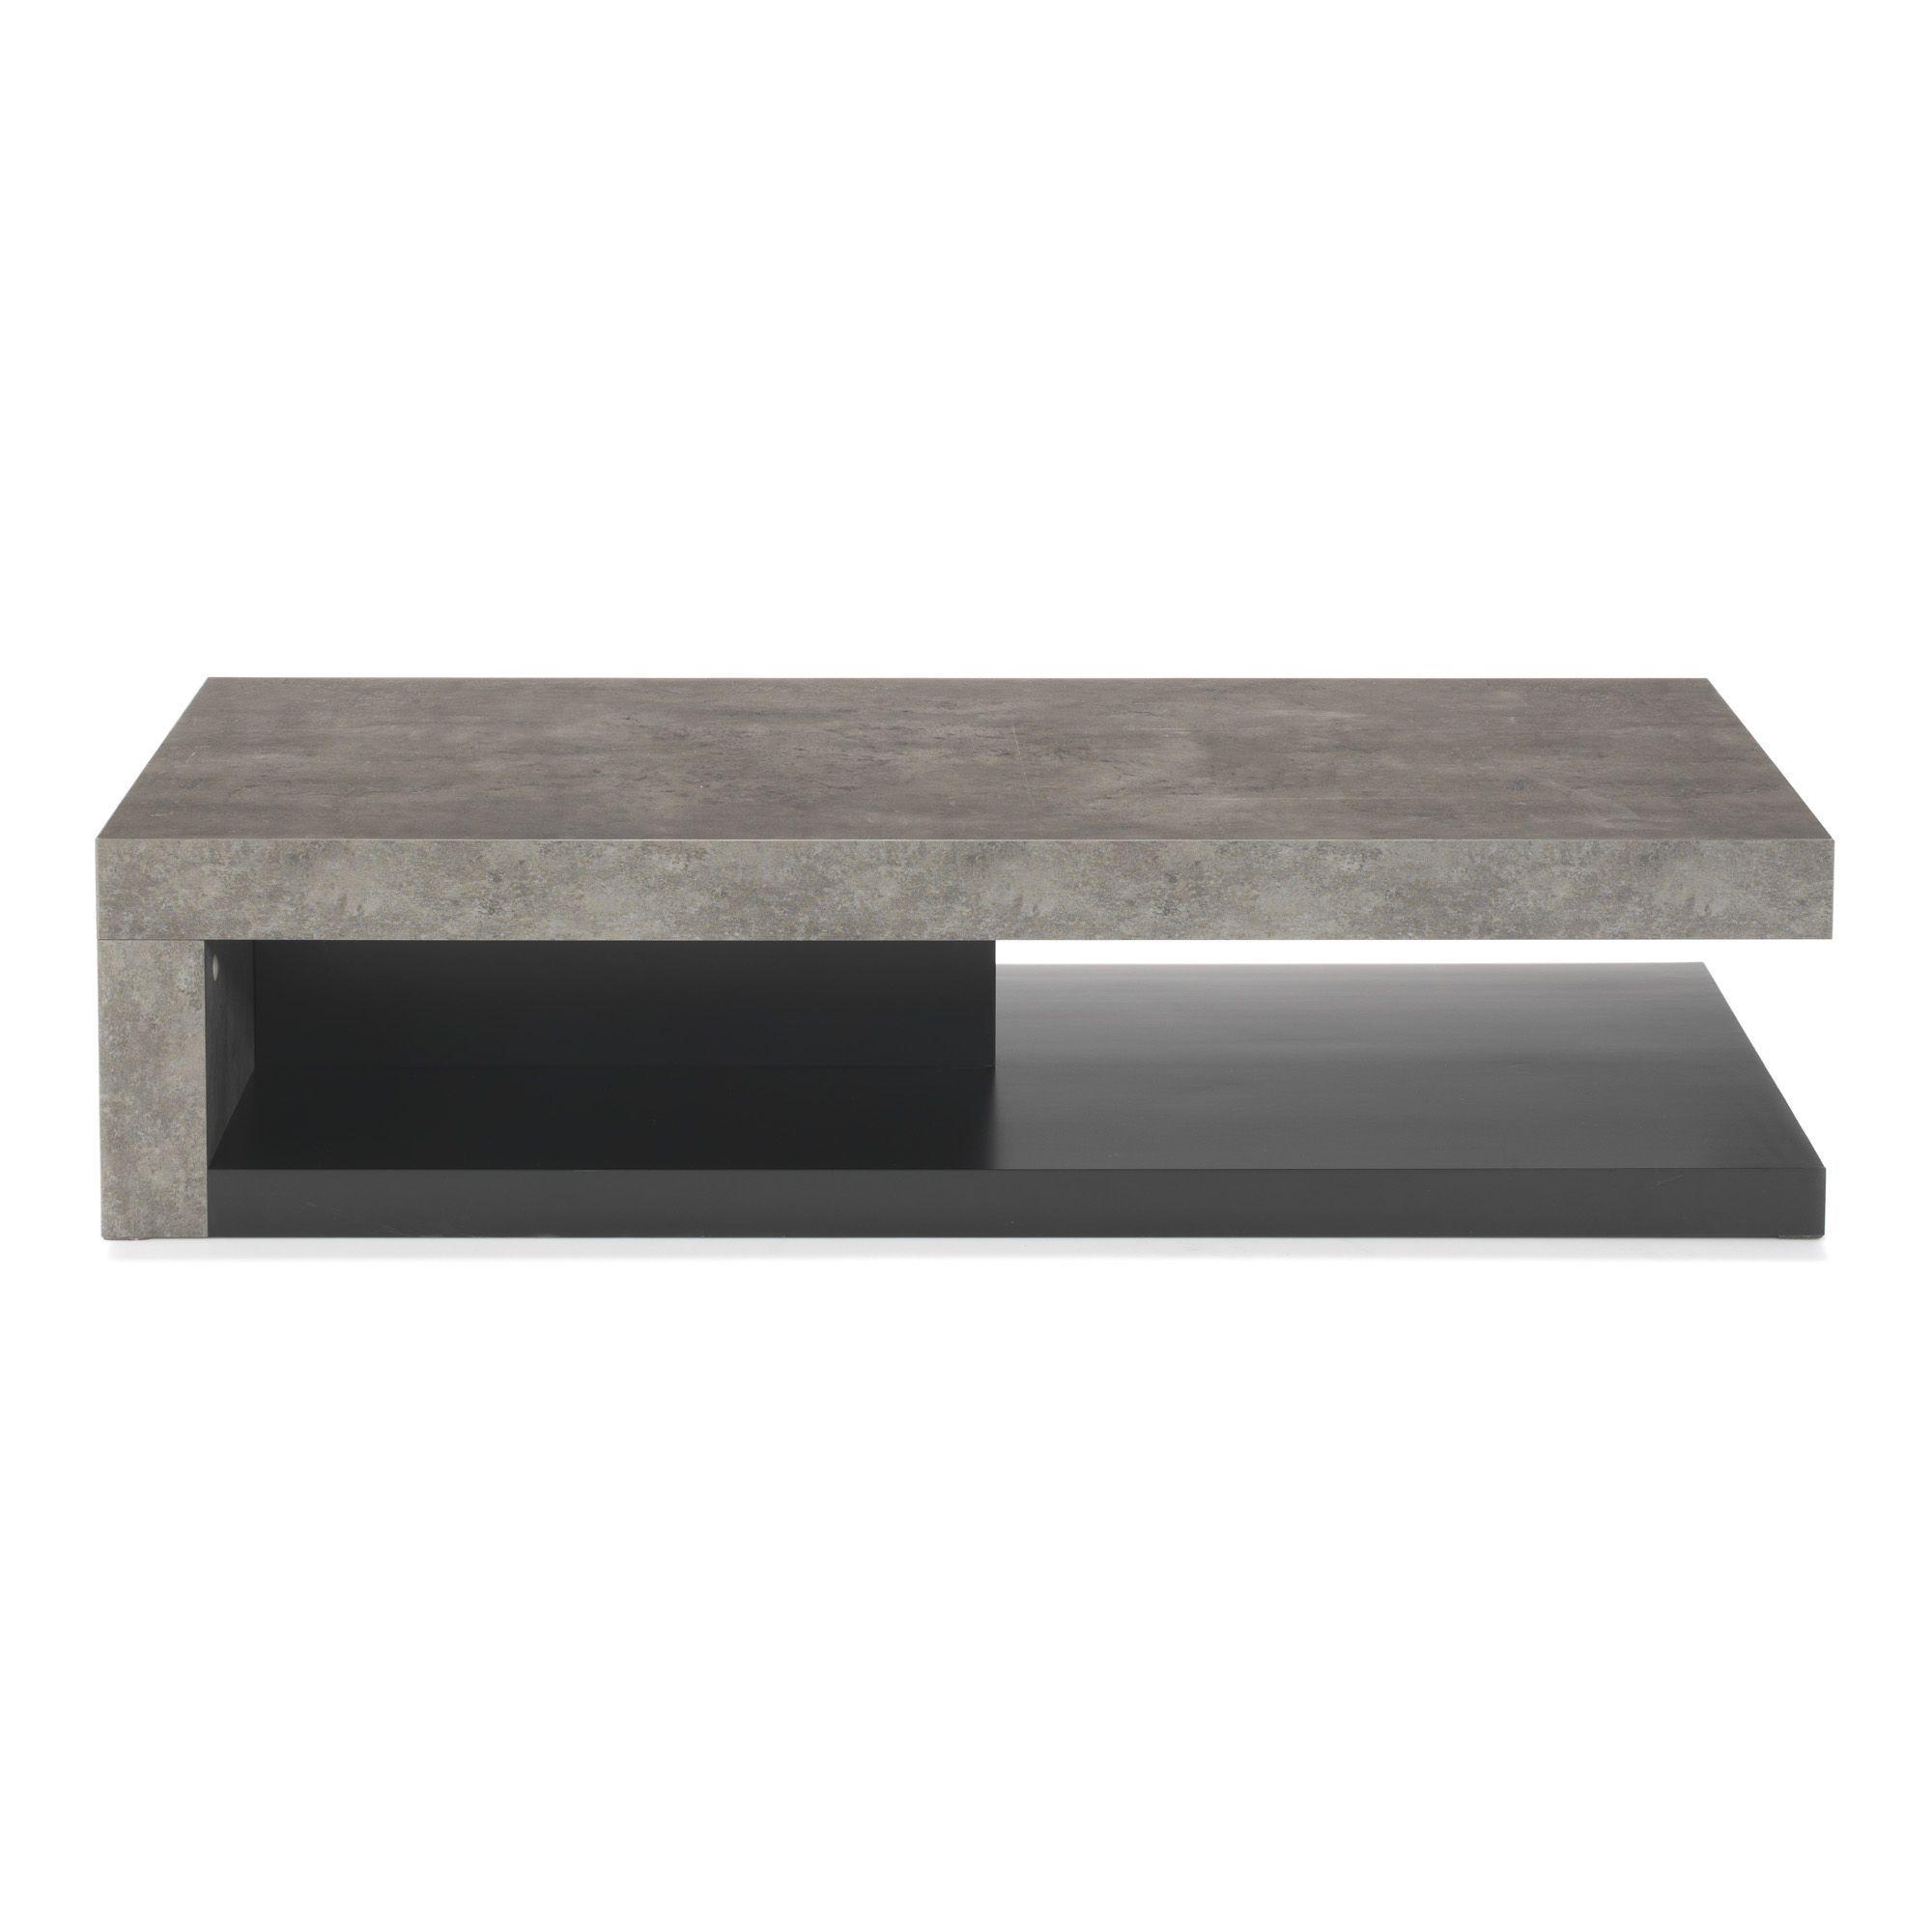 table basse effet bton gris et noir hilo les tables basses tables